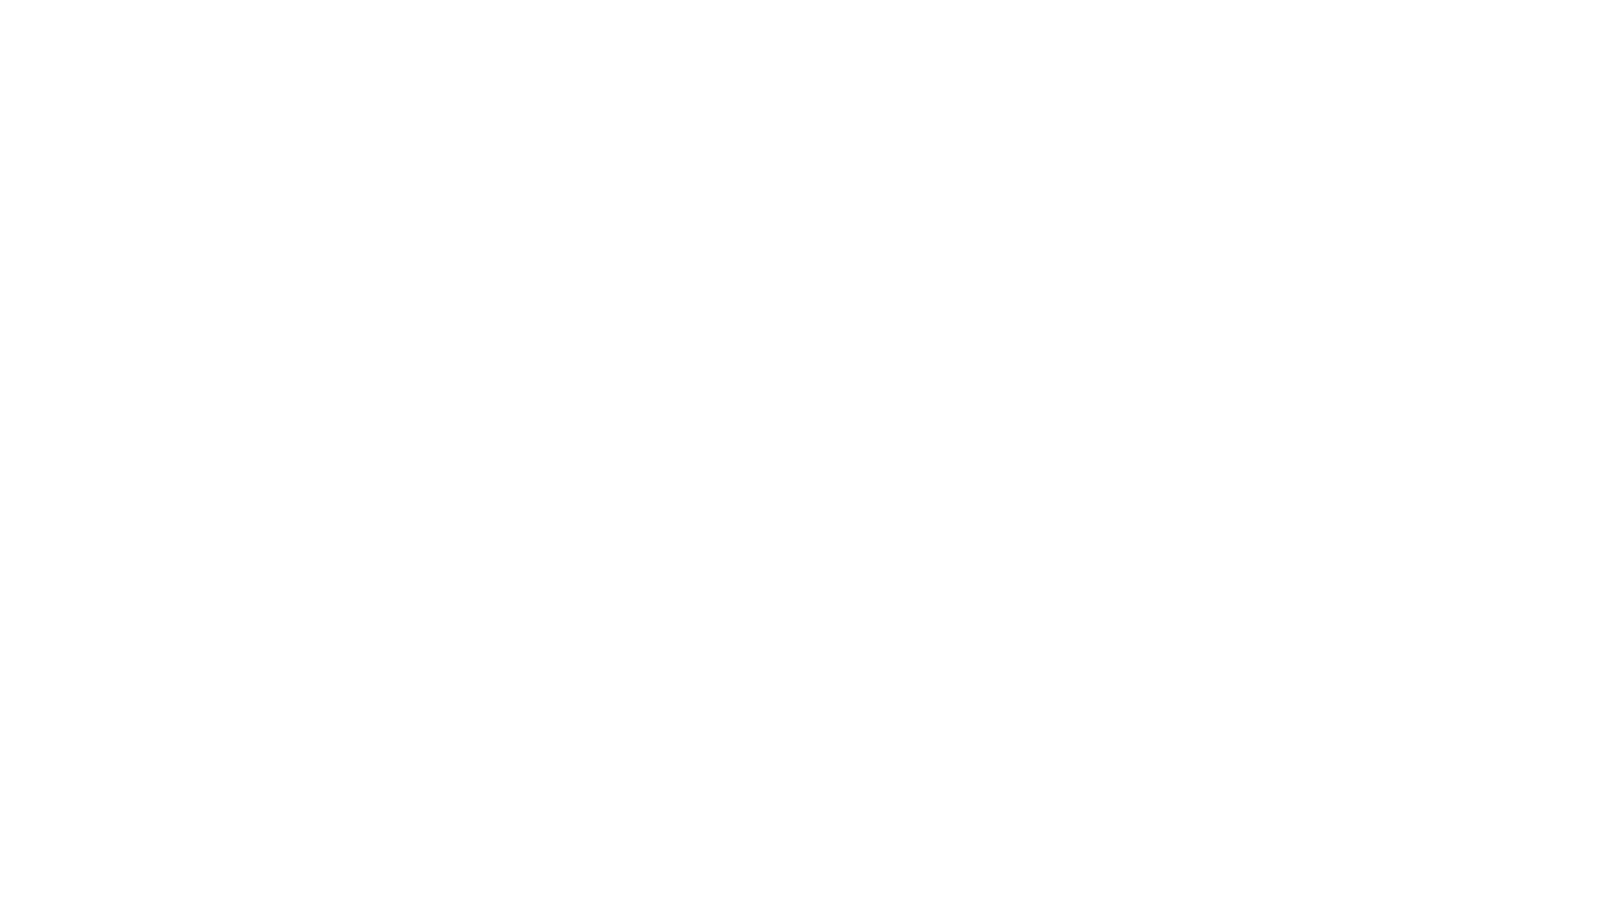 Willkommen zum Online Gottesdienst der Ruhr City Church, mit einer Predigt von Pastorin Nathali Persson  Du hast etwas, wofür wir beten sollen? Schreib an:  pray@ruhrcity.church  Du hast Fragen oder willst Kontakt aufnehmen:  connect@ruhrcity.church  Website: www.ruhrcity.church Instagram: ruhrcity.church